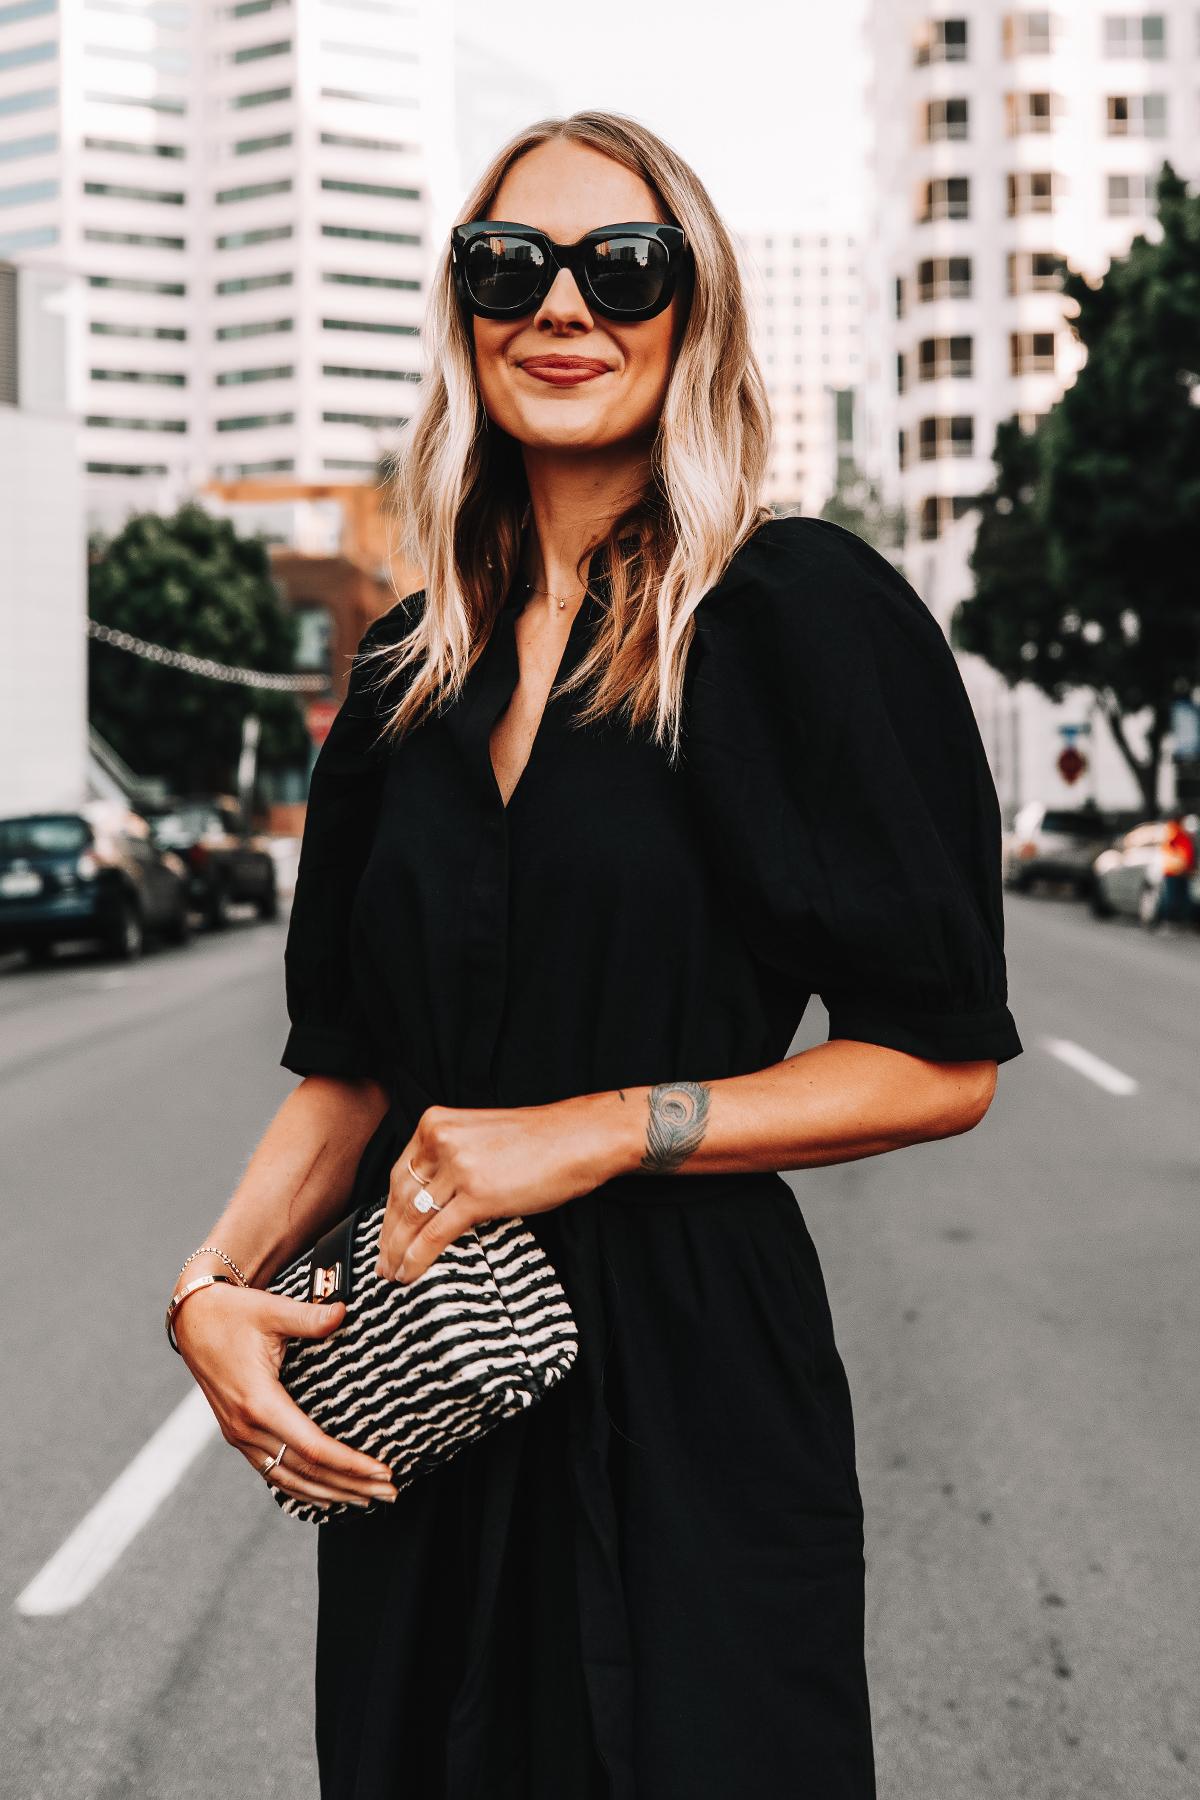 Fashion Jackson Wearing Ann Taylor Black Shirt Dress Black Tan Woven Clutch